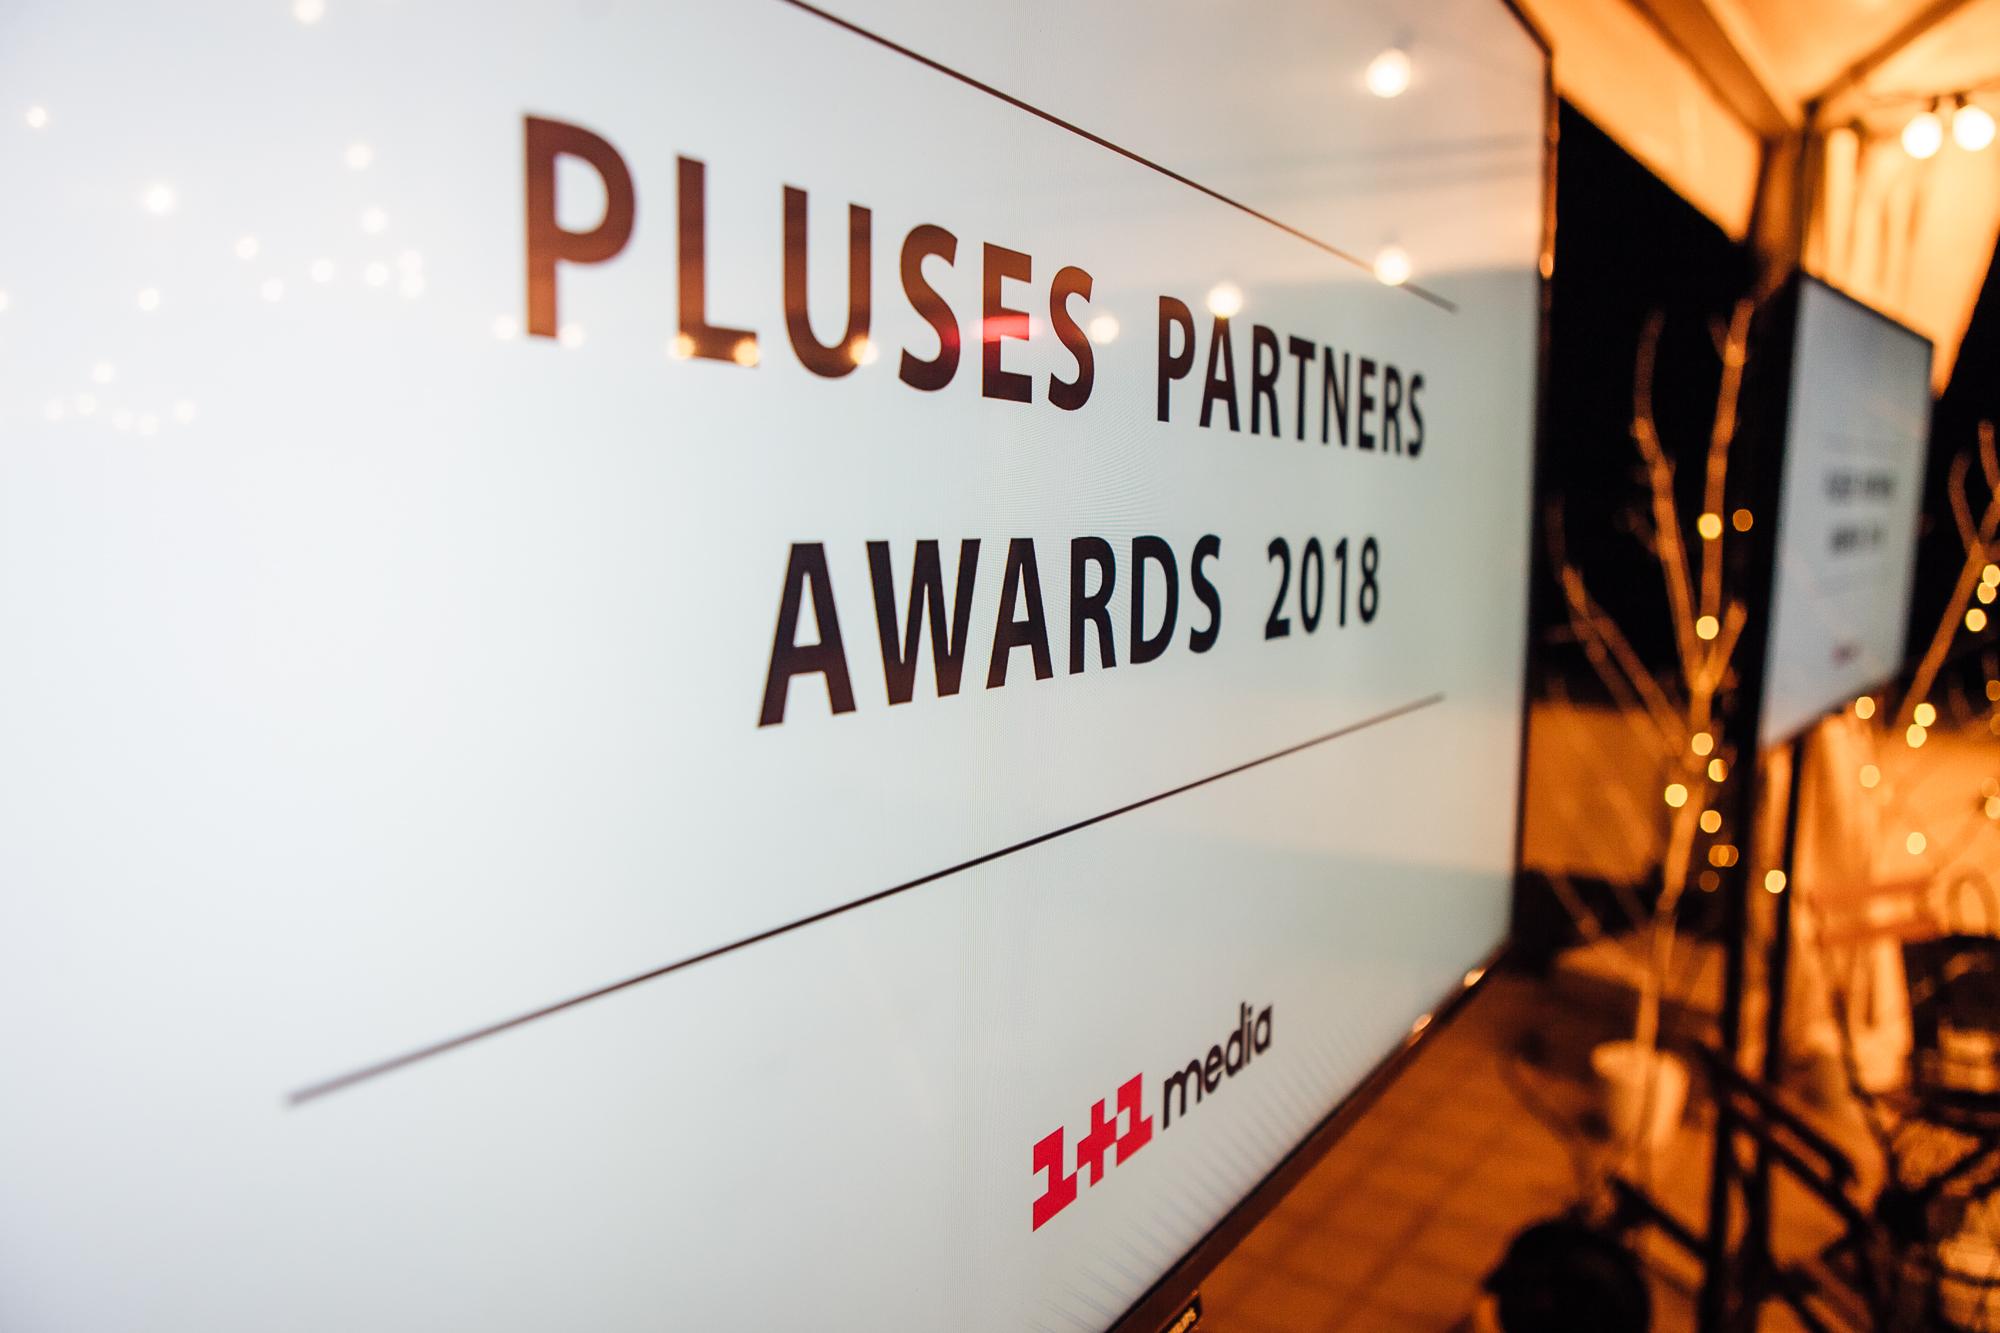 Pluses Partners Awards 2018: «1+1 медиа» наградила крупнейших партнеров